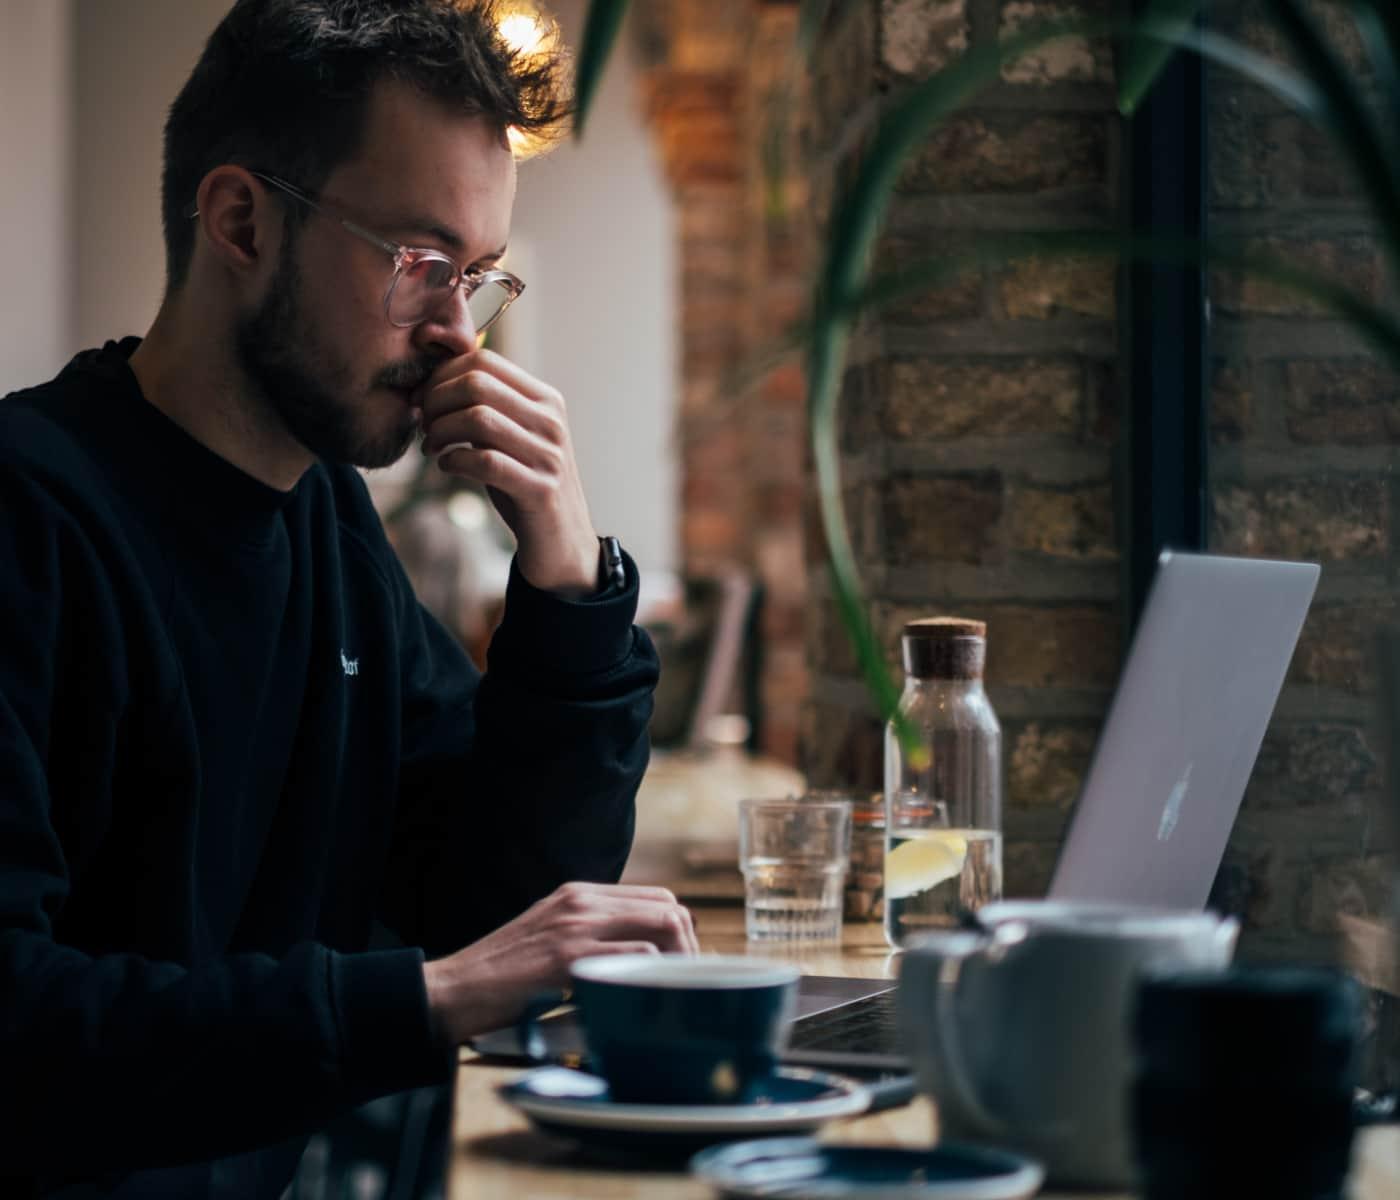 Immagine di un uomo che lavora in un bar